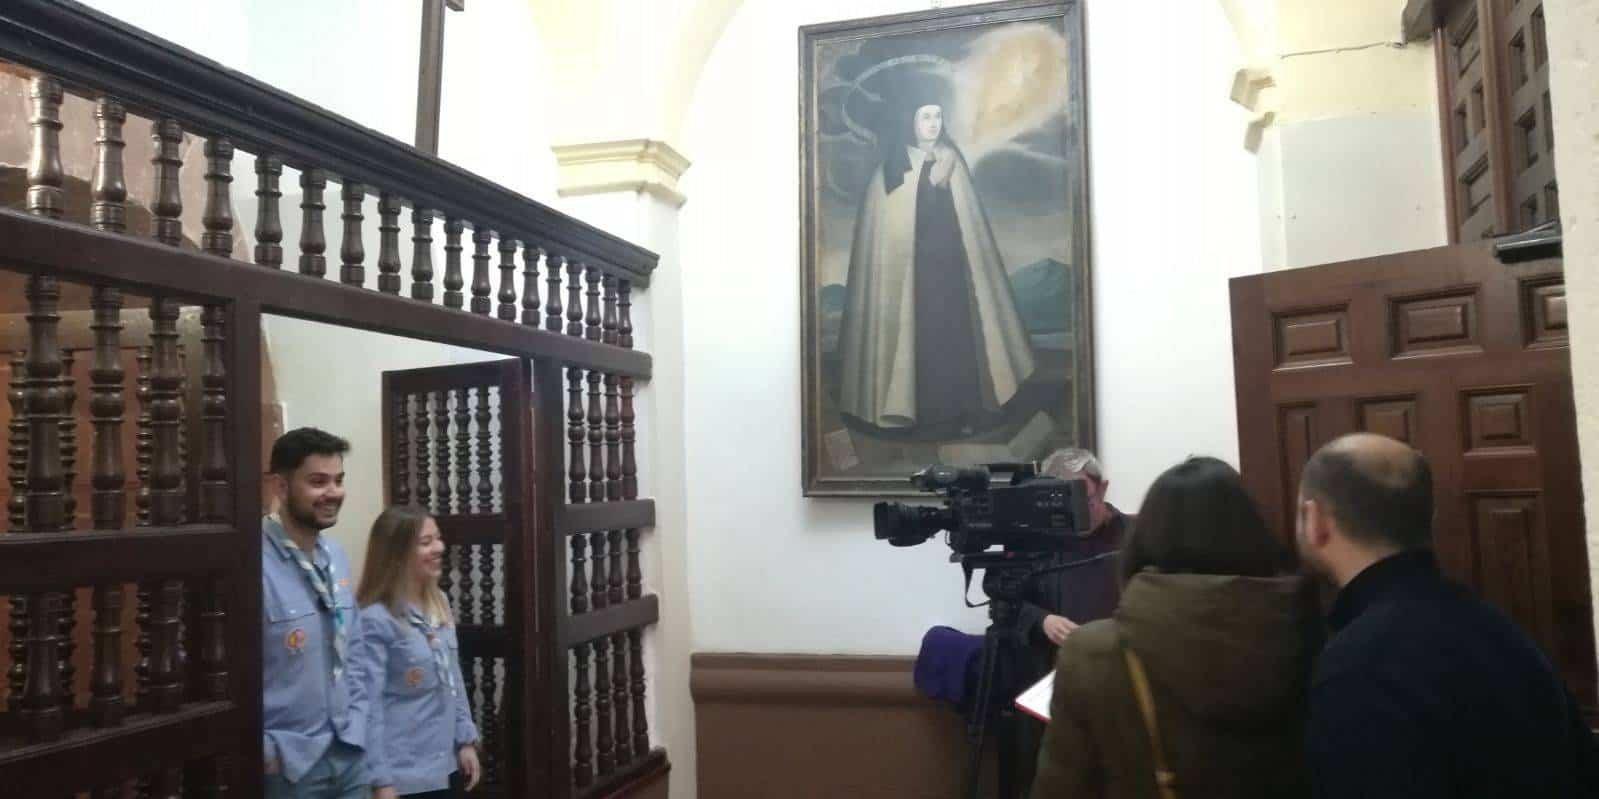 Mancha Centro Televisión emite un especial sobre la parroquia de Herencia 6